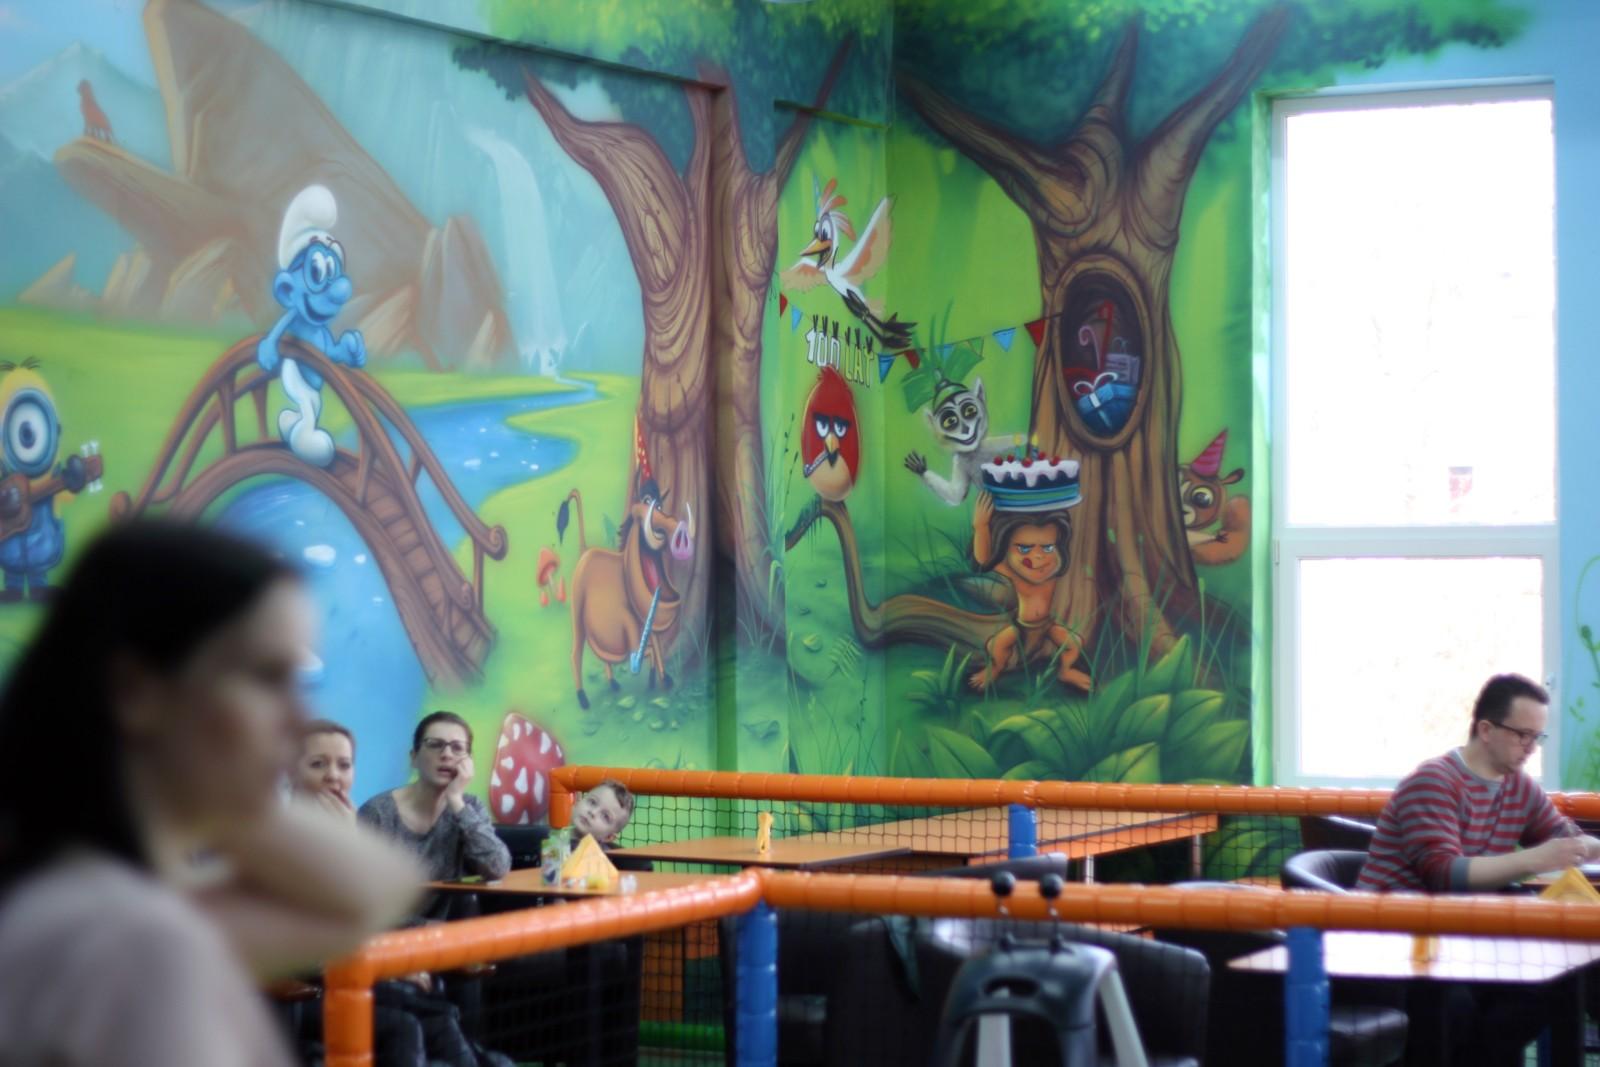 Ełk, Tęcza, Sala Zabaw, malunki, graffiti, mural, dla dzieci, zabawa